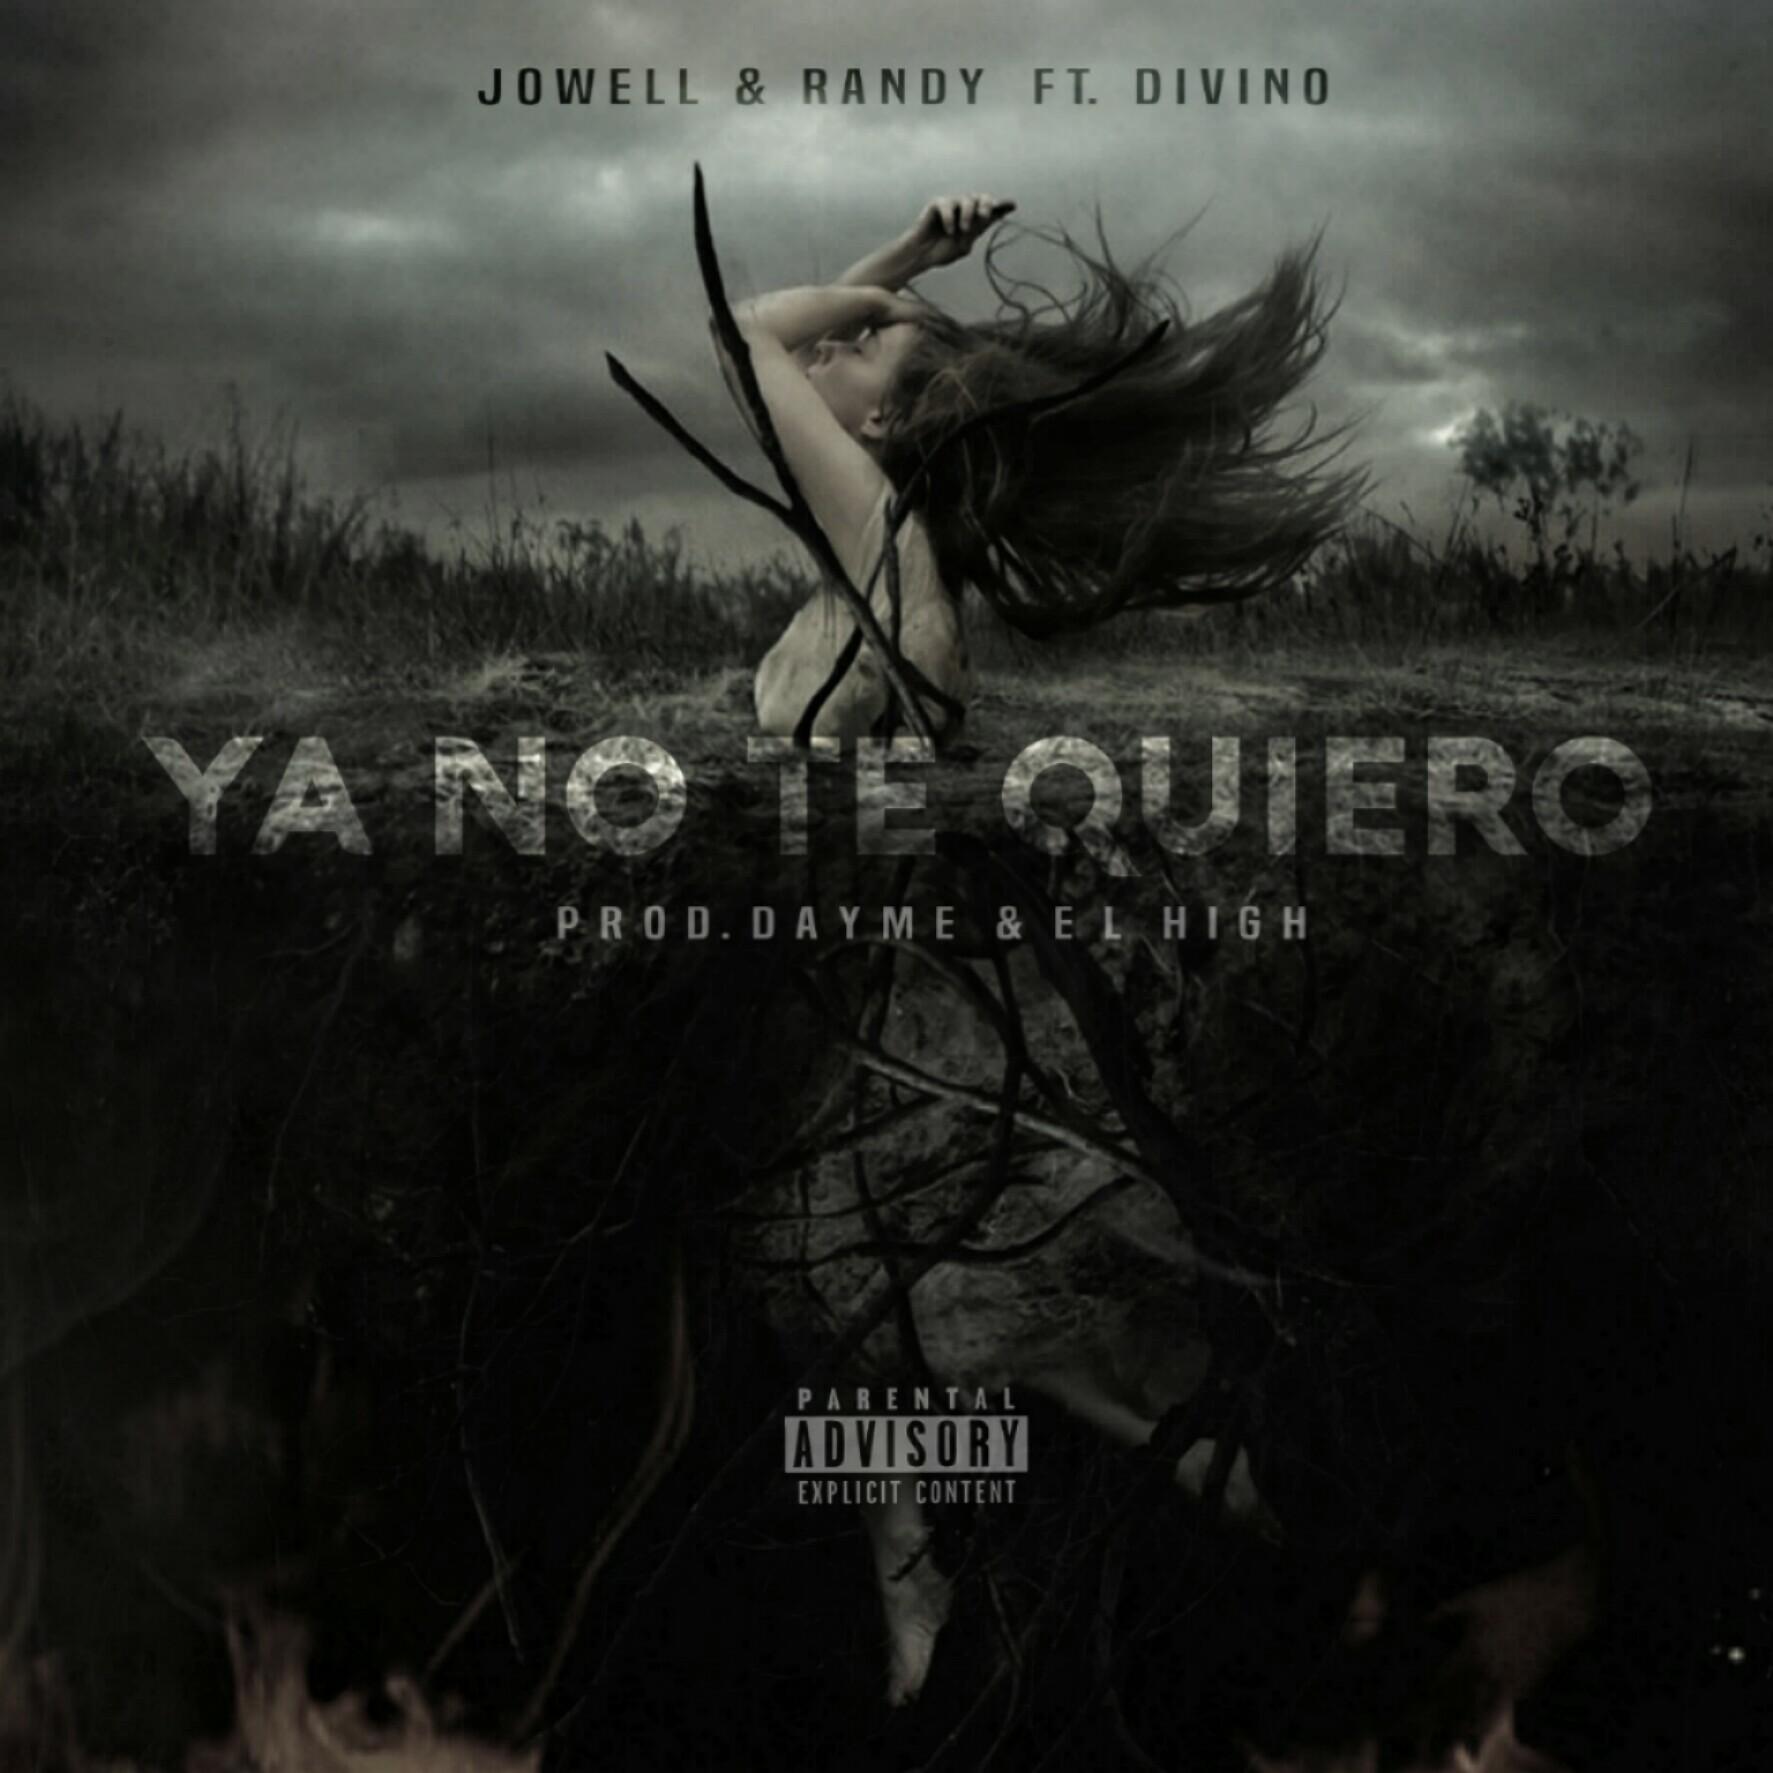 yano - Jowell & Randy Ft. Divino – Ya No Te Quiero